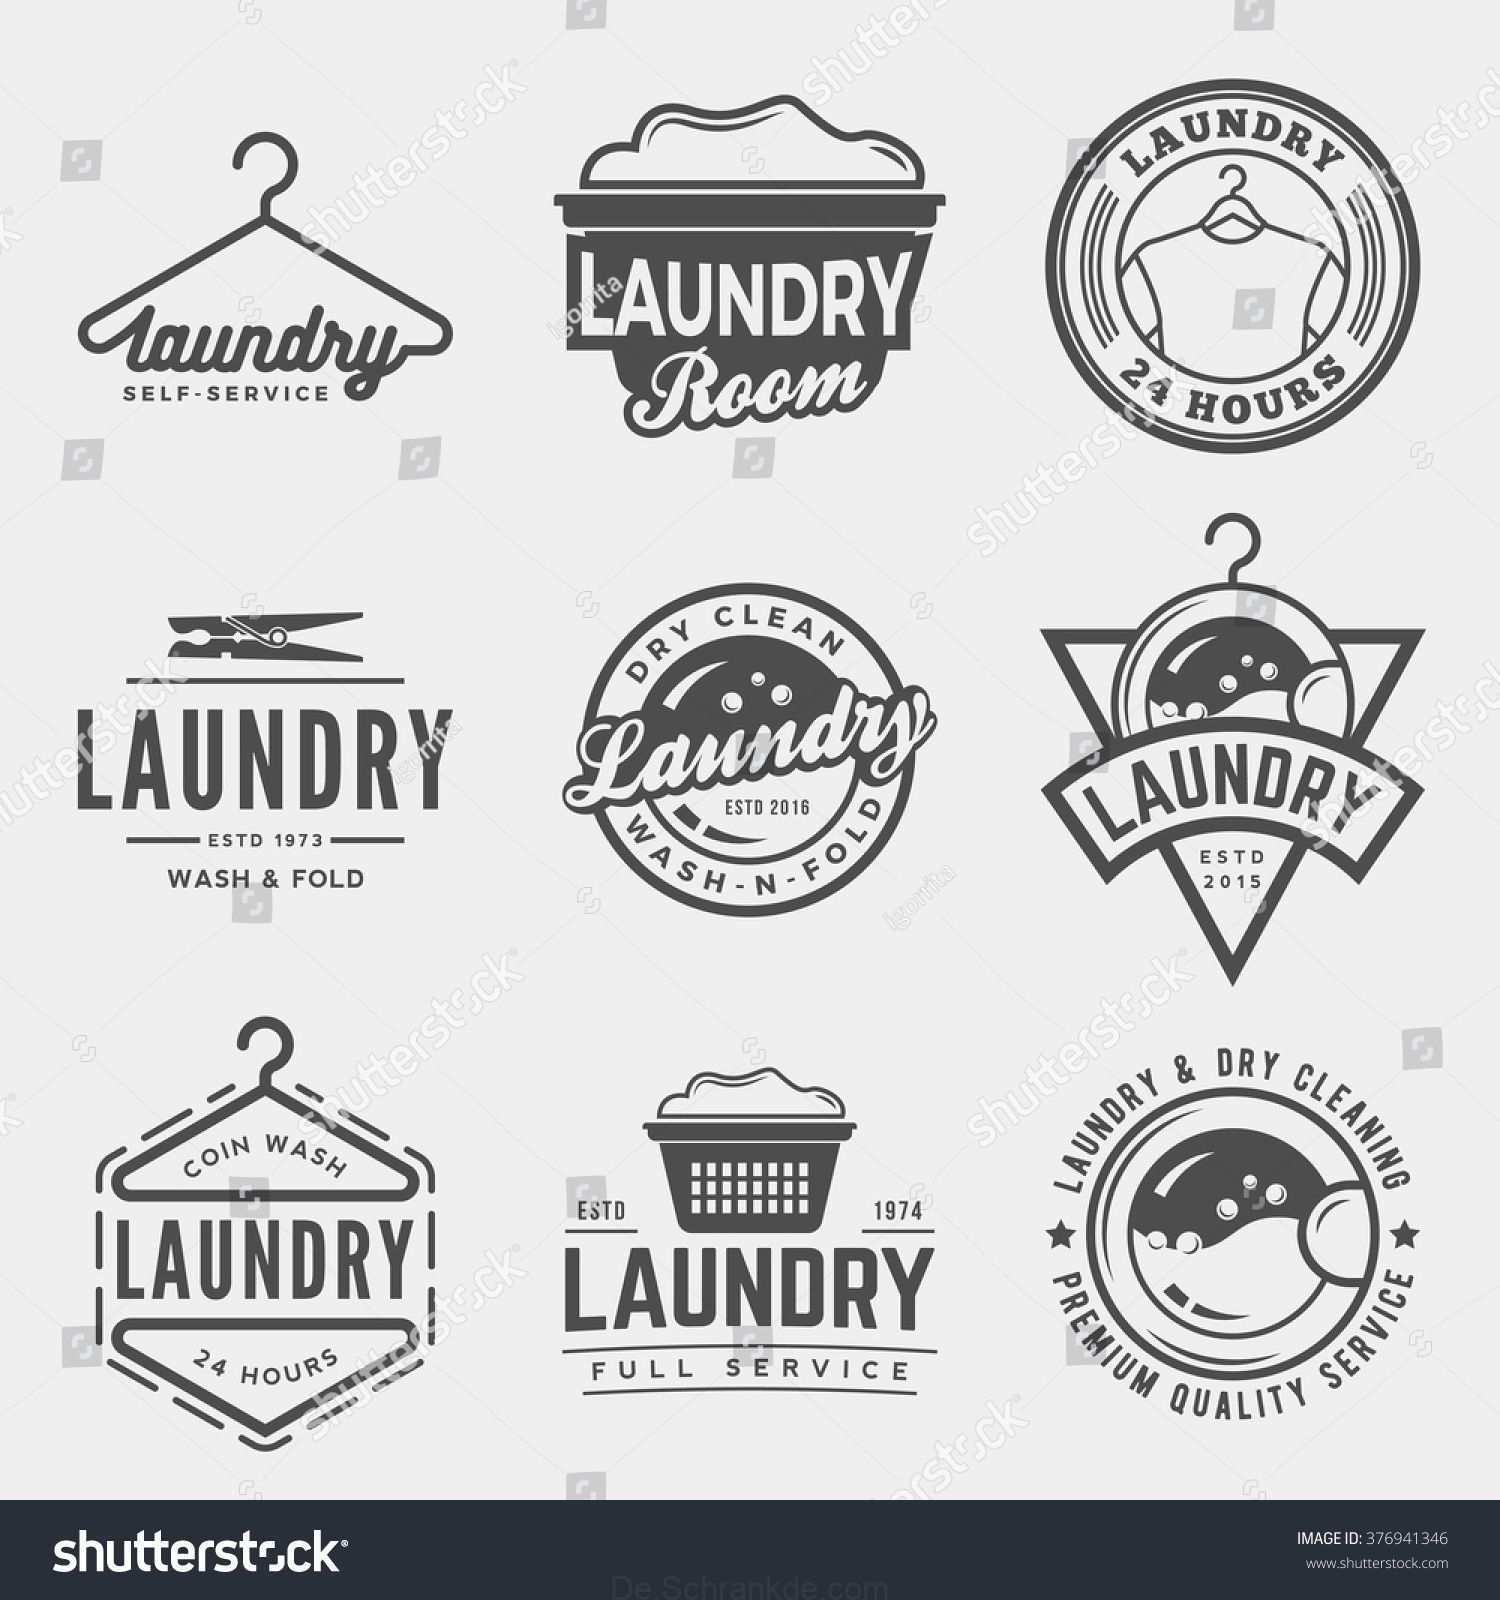 Vektor Satz Von Wasche Logos Embleme Und Design Elemente Logo Vorlagen Und Abzeichen Laundry Logo Laundry Shop Laundry Design